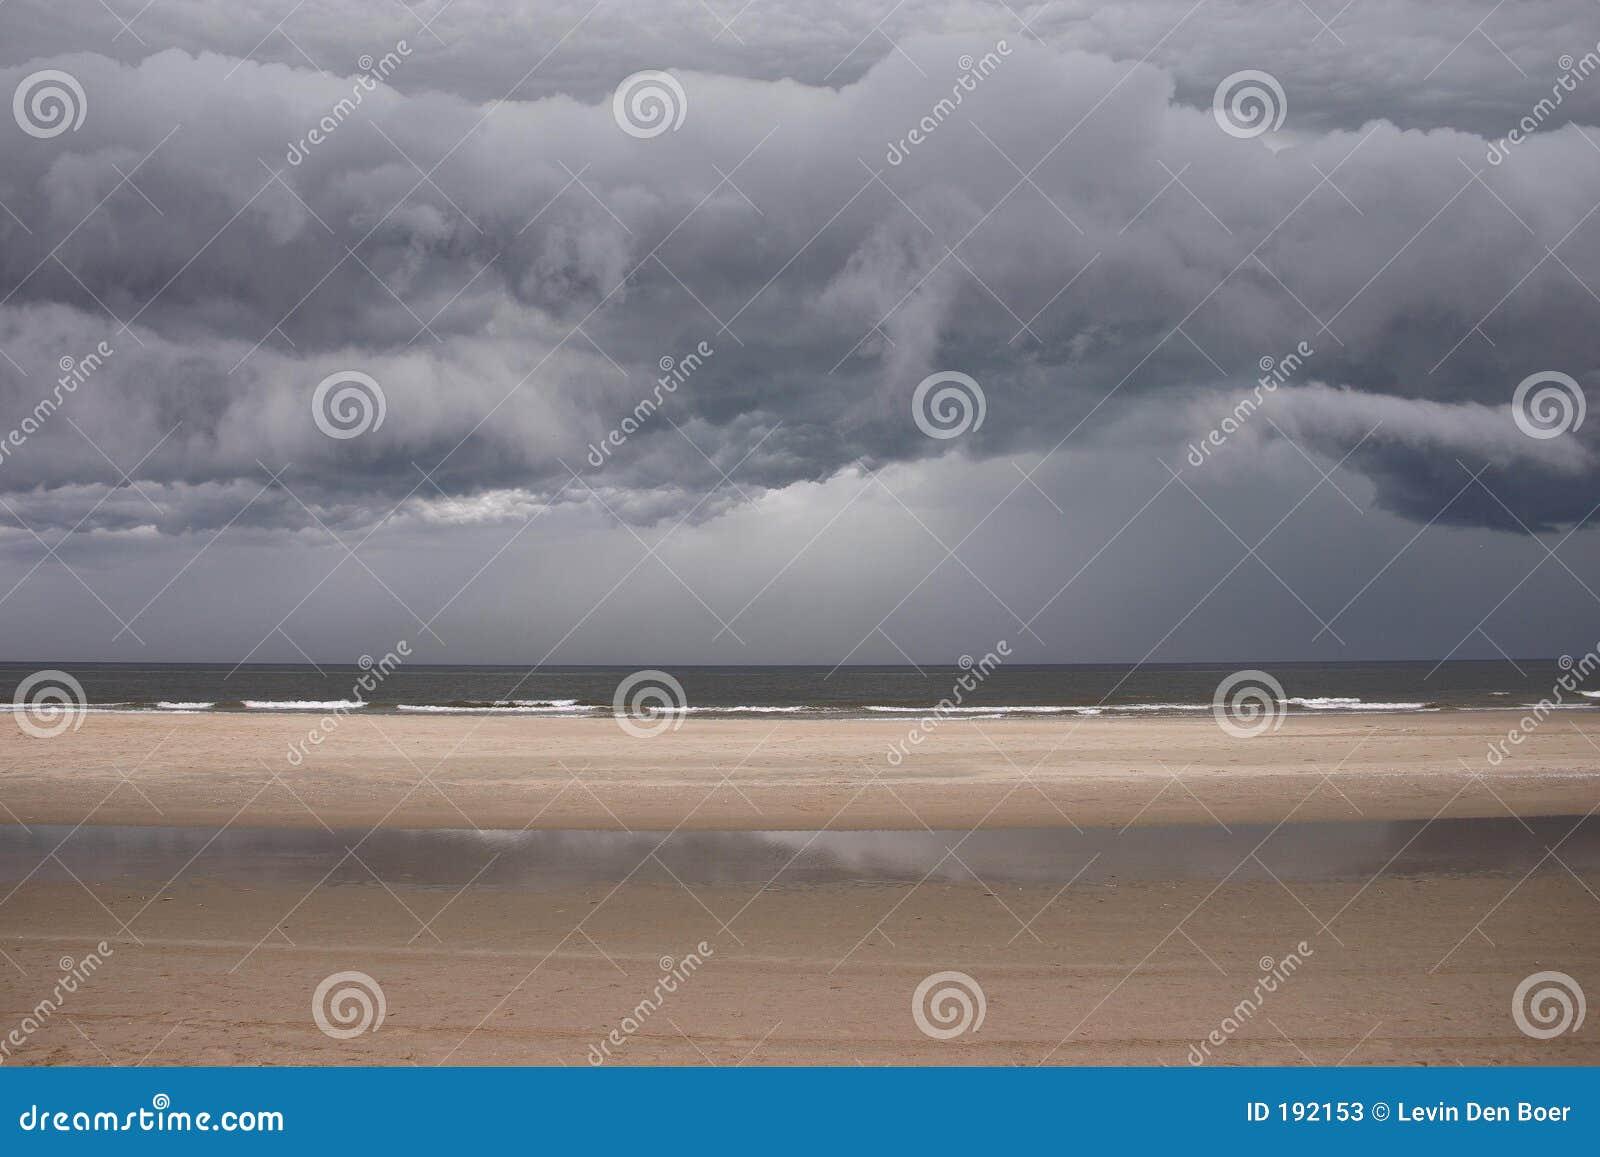 012 zandvoort